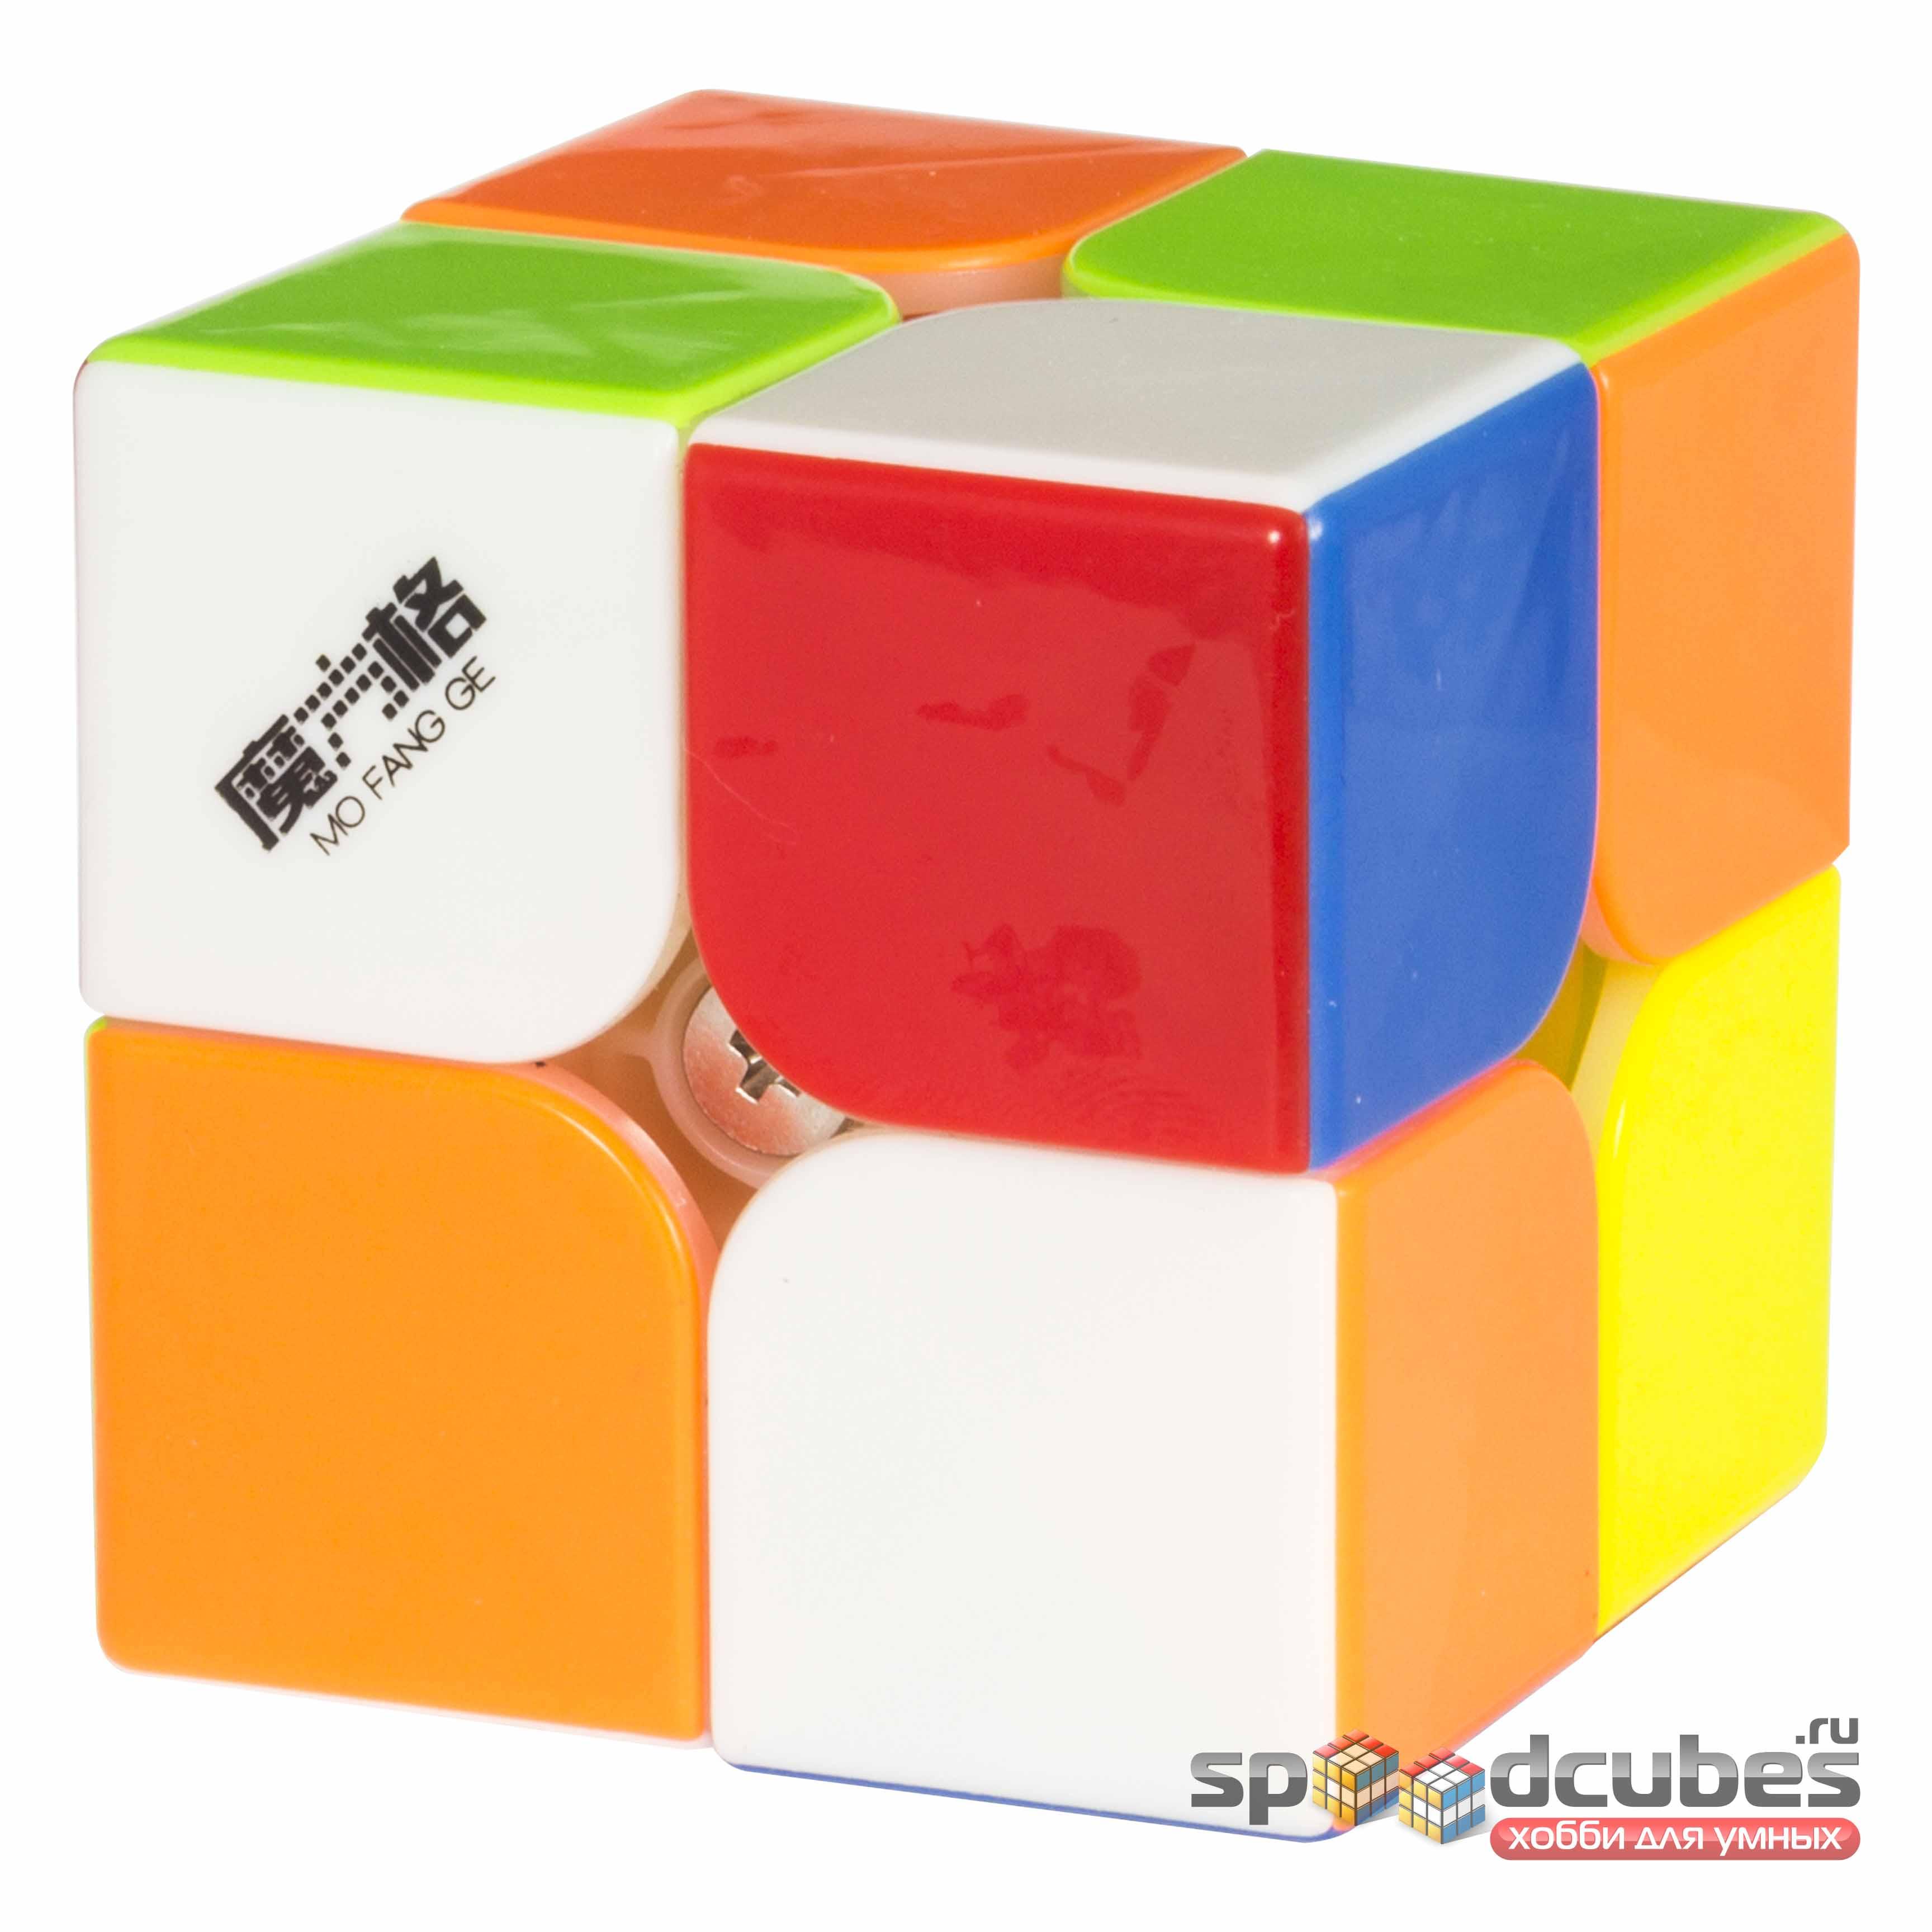 QiYi (MoFangGe) 2x2x2 WuXia M Color 3